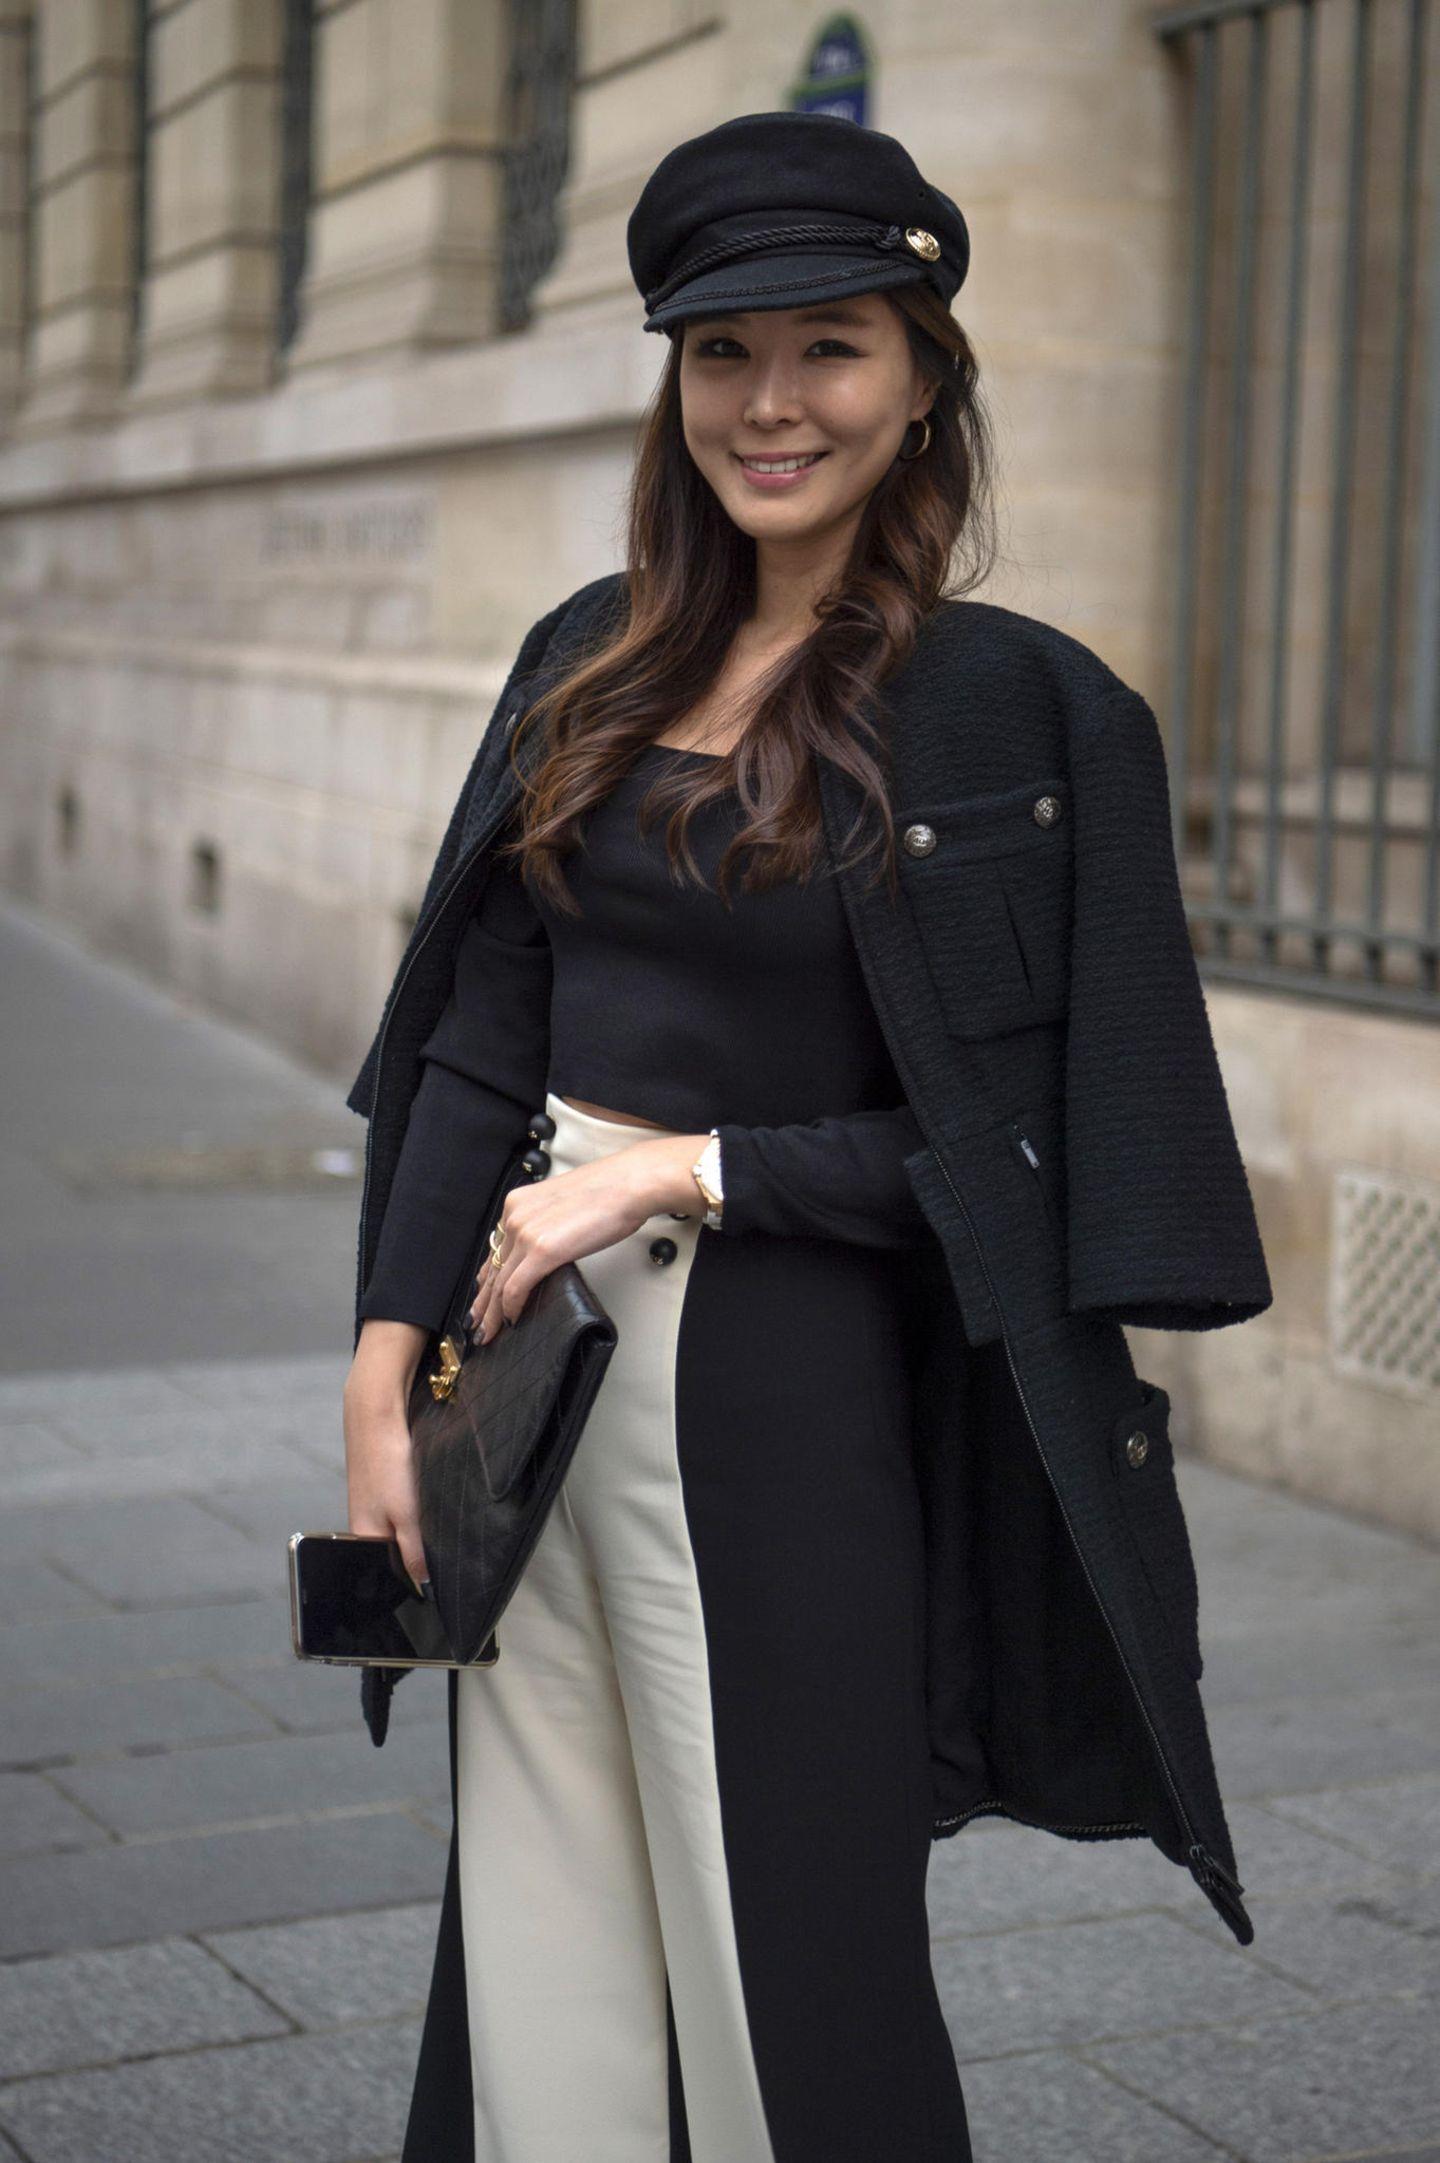 Winter-Frisuren: Frau mit Mantel und Mütze